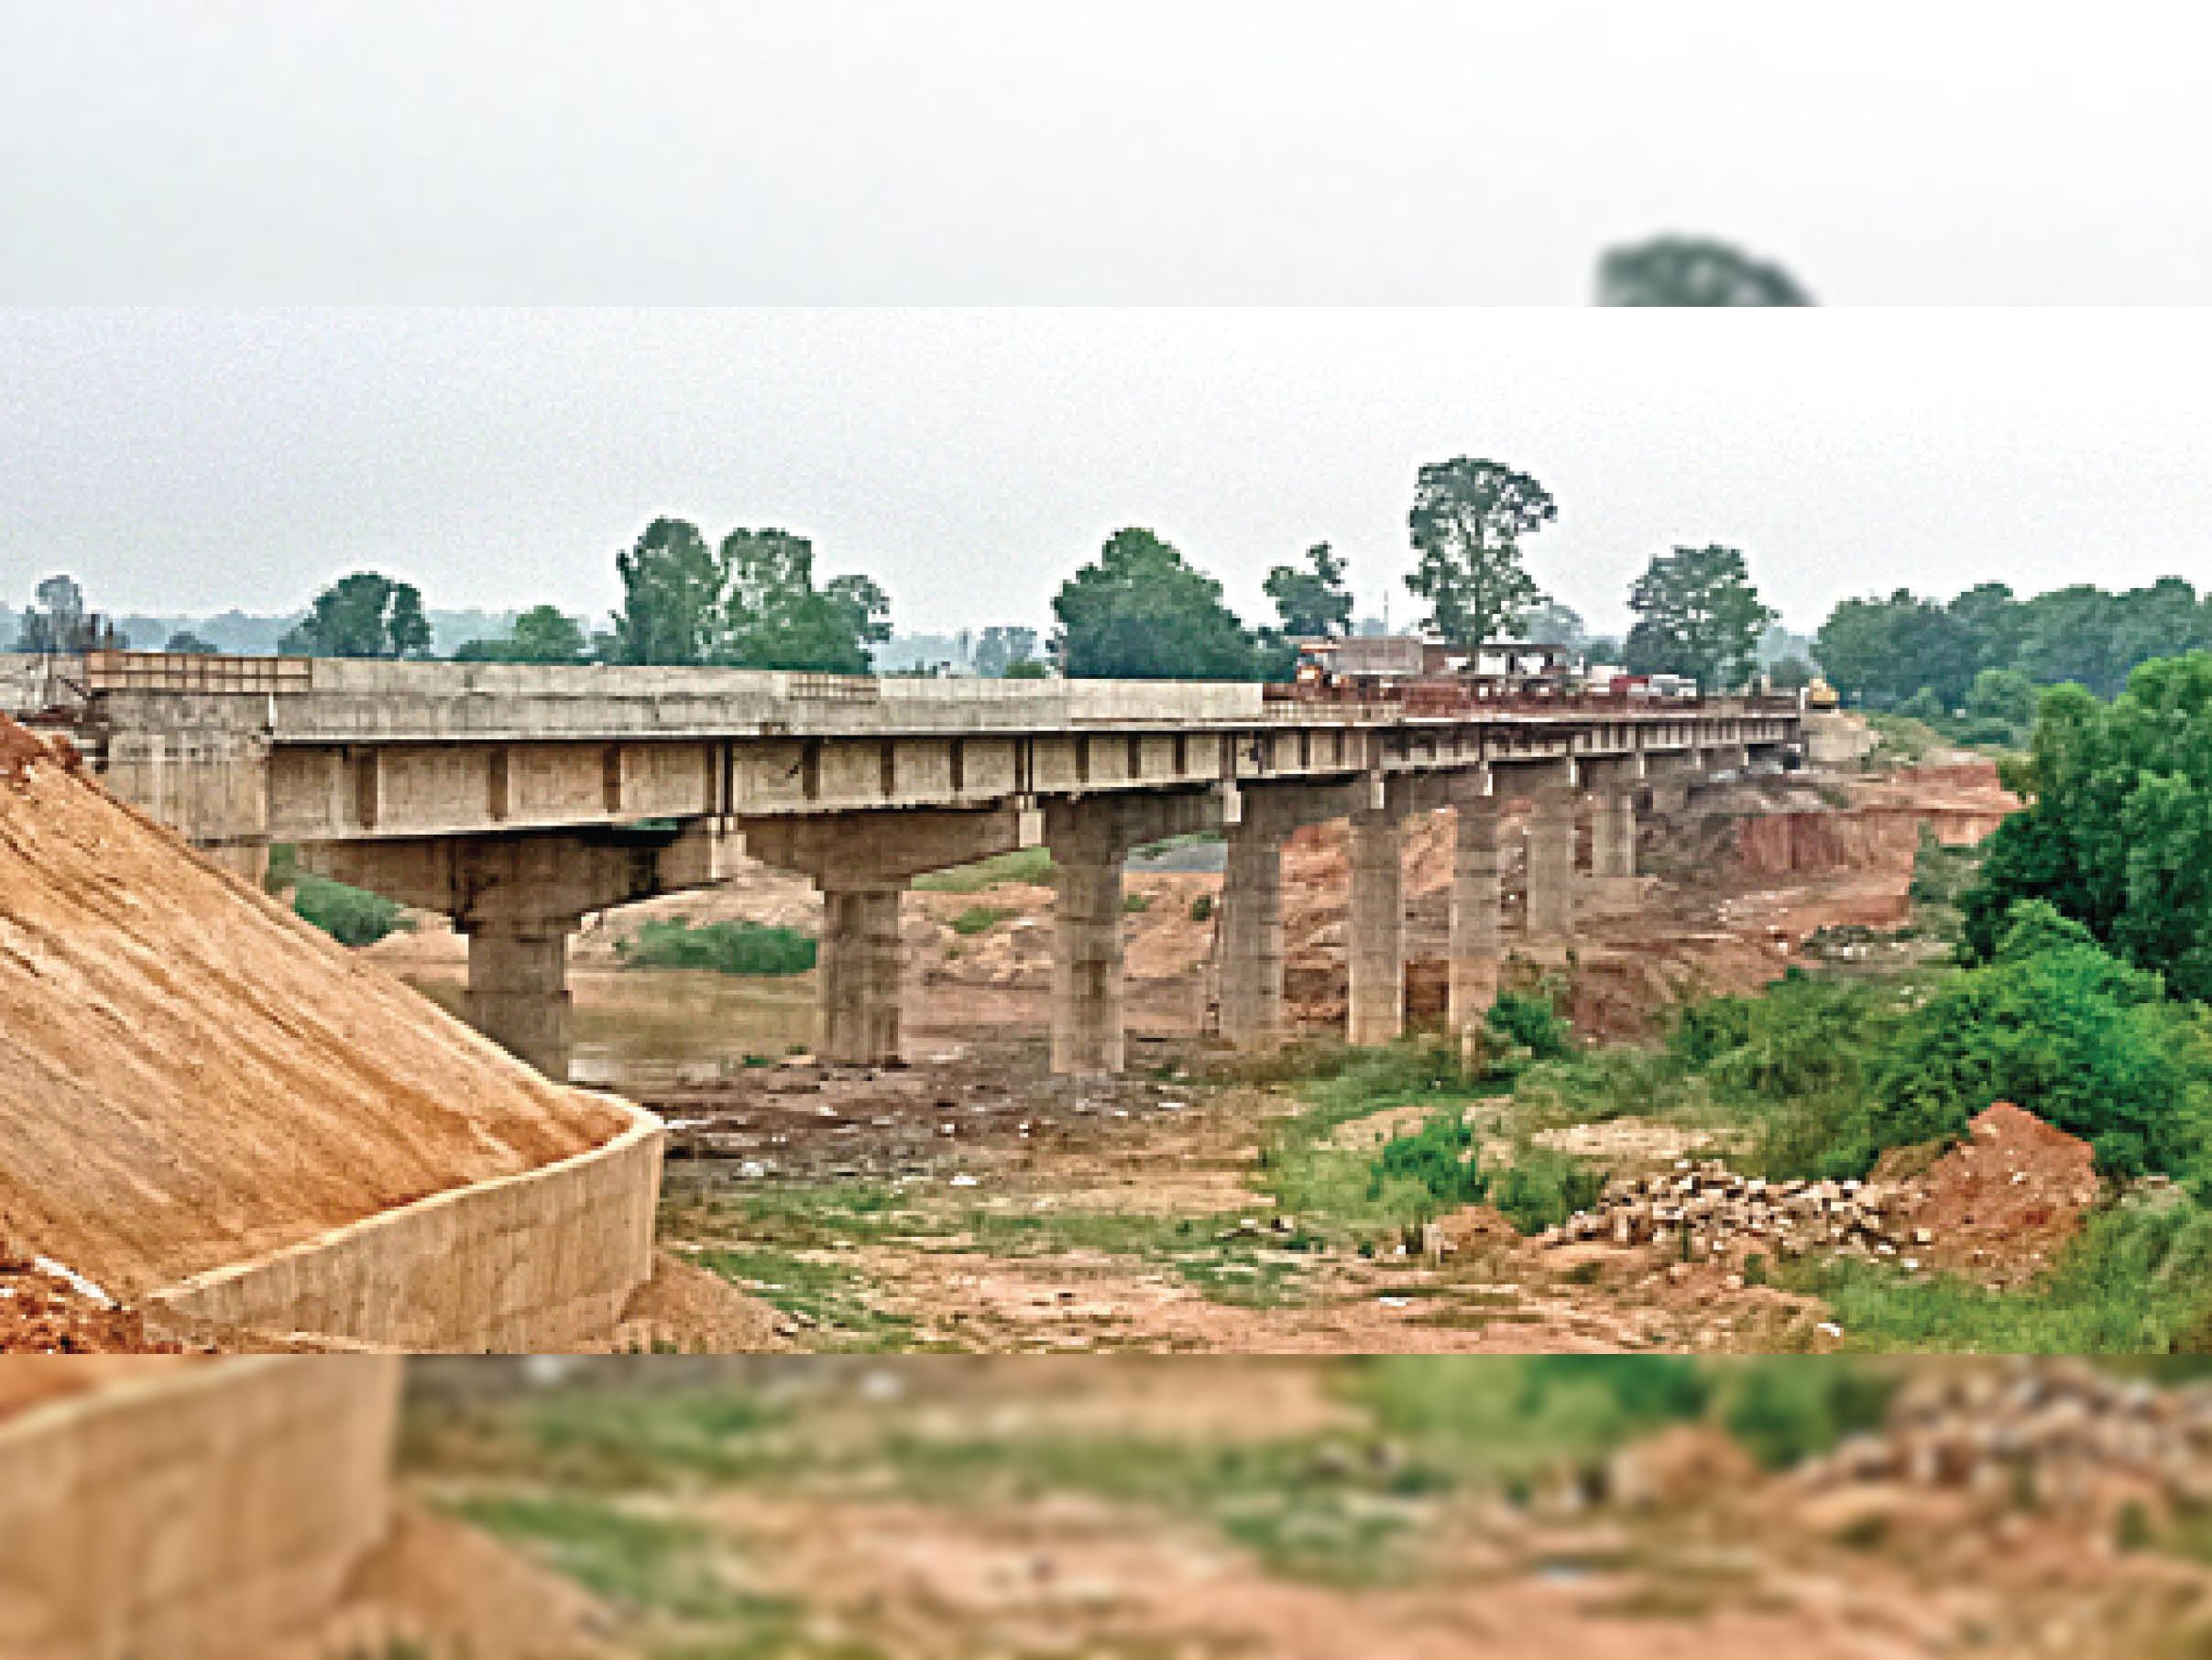 अफसरों का दावा- इसी माह पूरा हो जाएगा पुल का काम, ठेकेदार ने कहा- कम से कम महीनाभर समय और लगेगा|अंबिकापुर,Ambikapur - Dainik Bhaskar